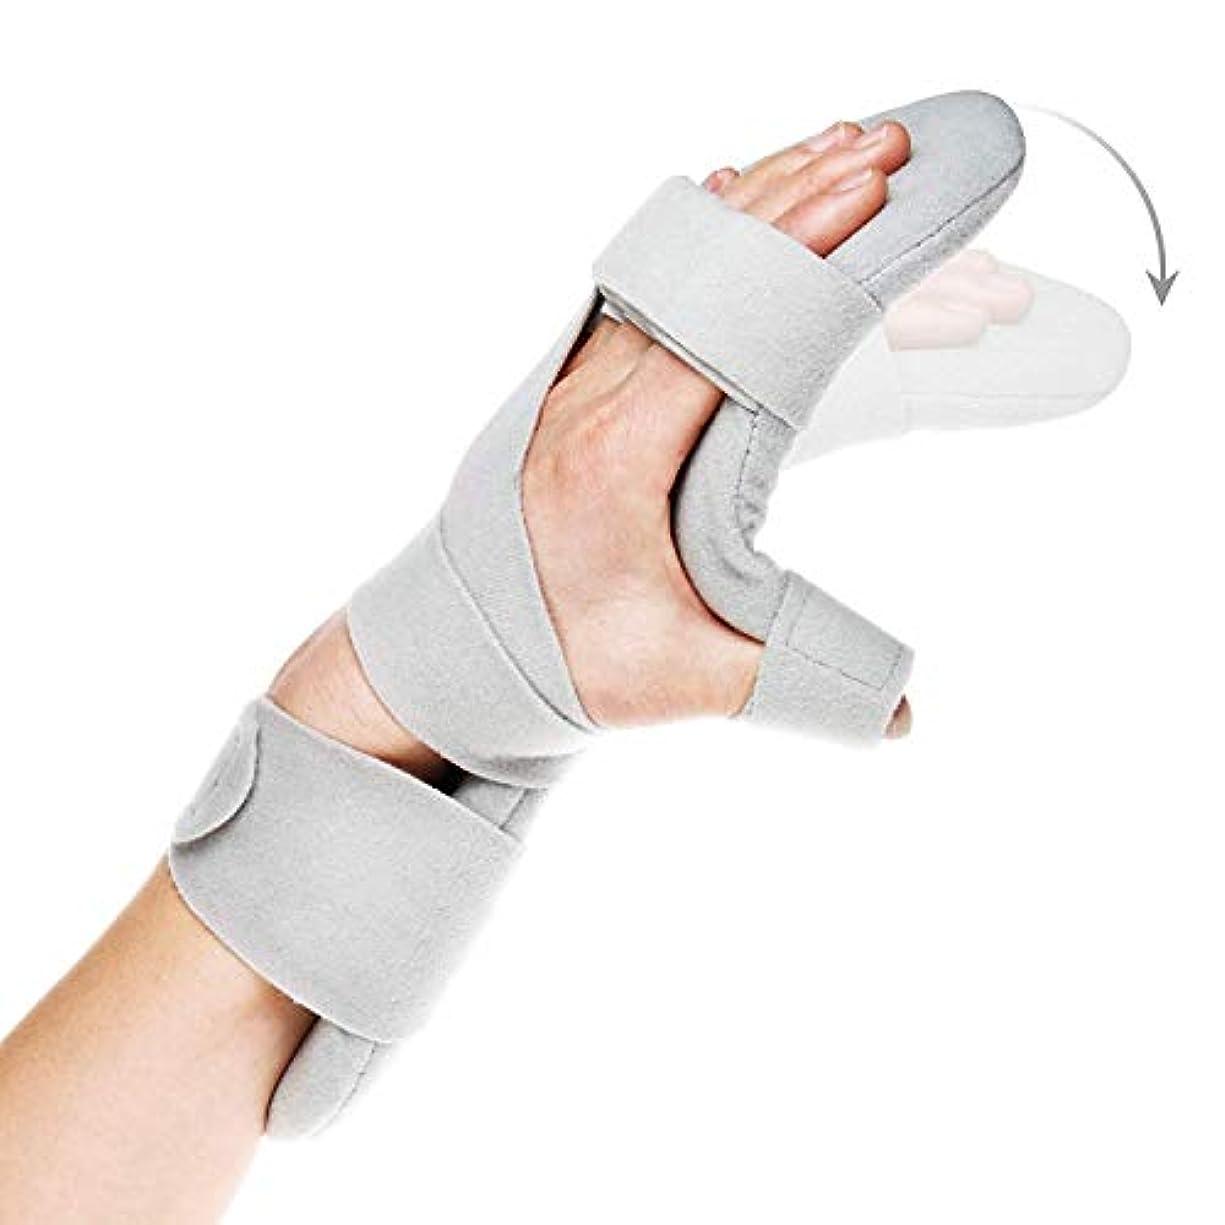 黄ばむ歯科医作る疼痛腱炎捻挫骨折関節炎脱臼用安静時ハンドスプリントナイトリストバンドイモビライザーサポート (Size : Left Hand)